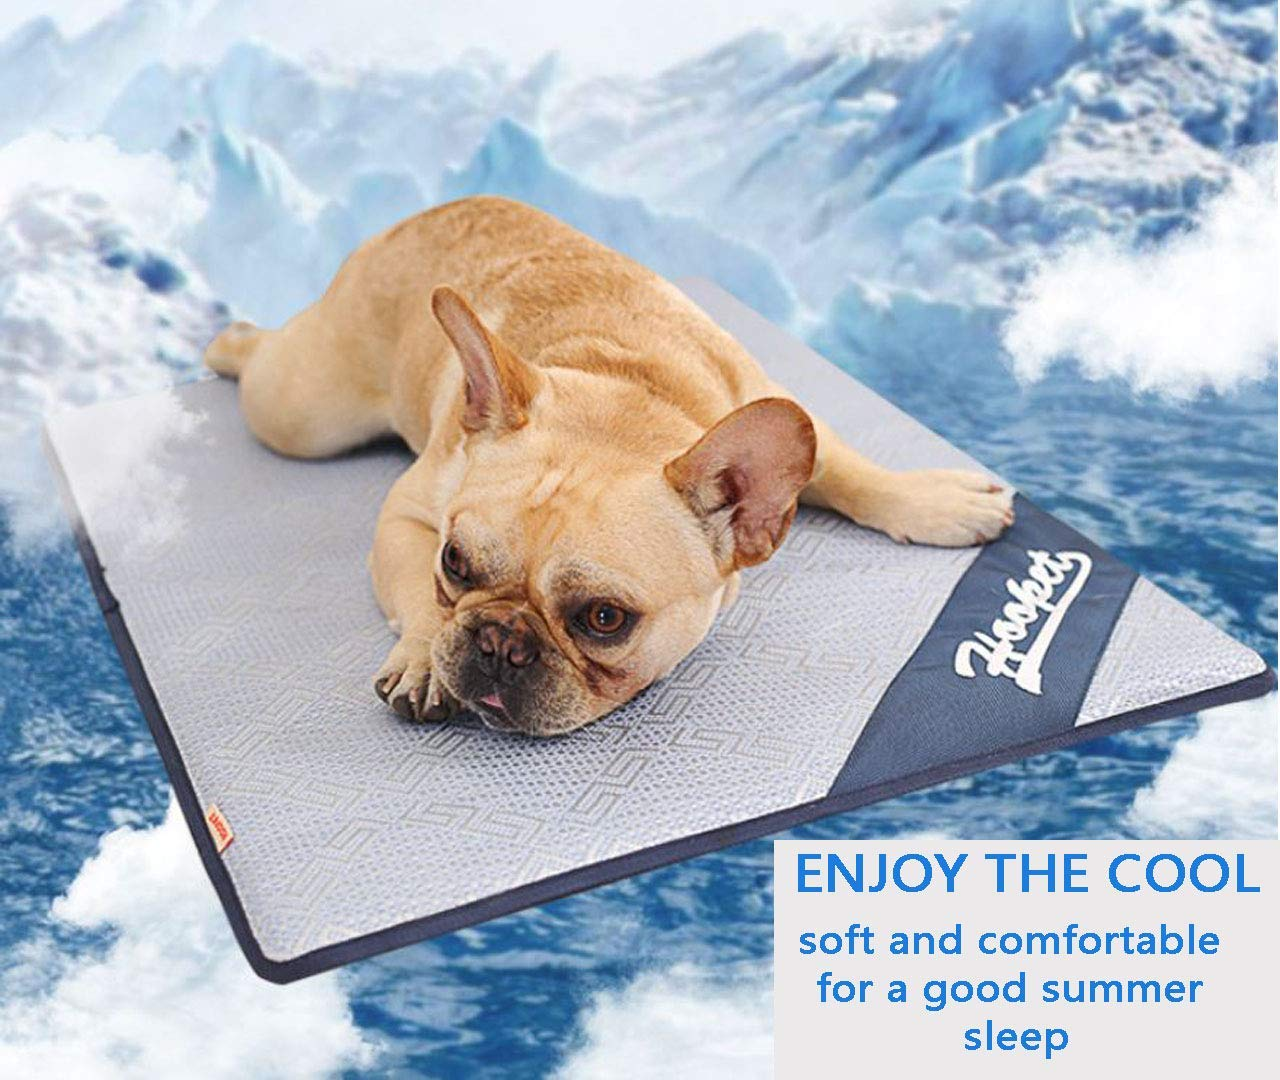 Amazon.com: H-Jia - Alfombrilla de gel de refrigeración para ...